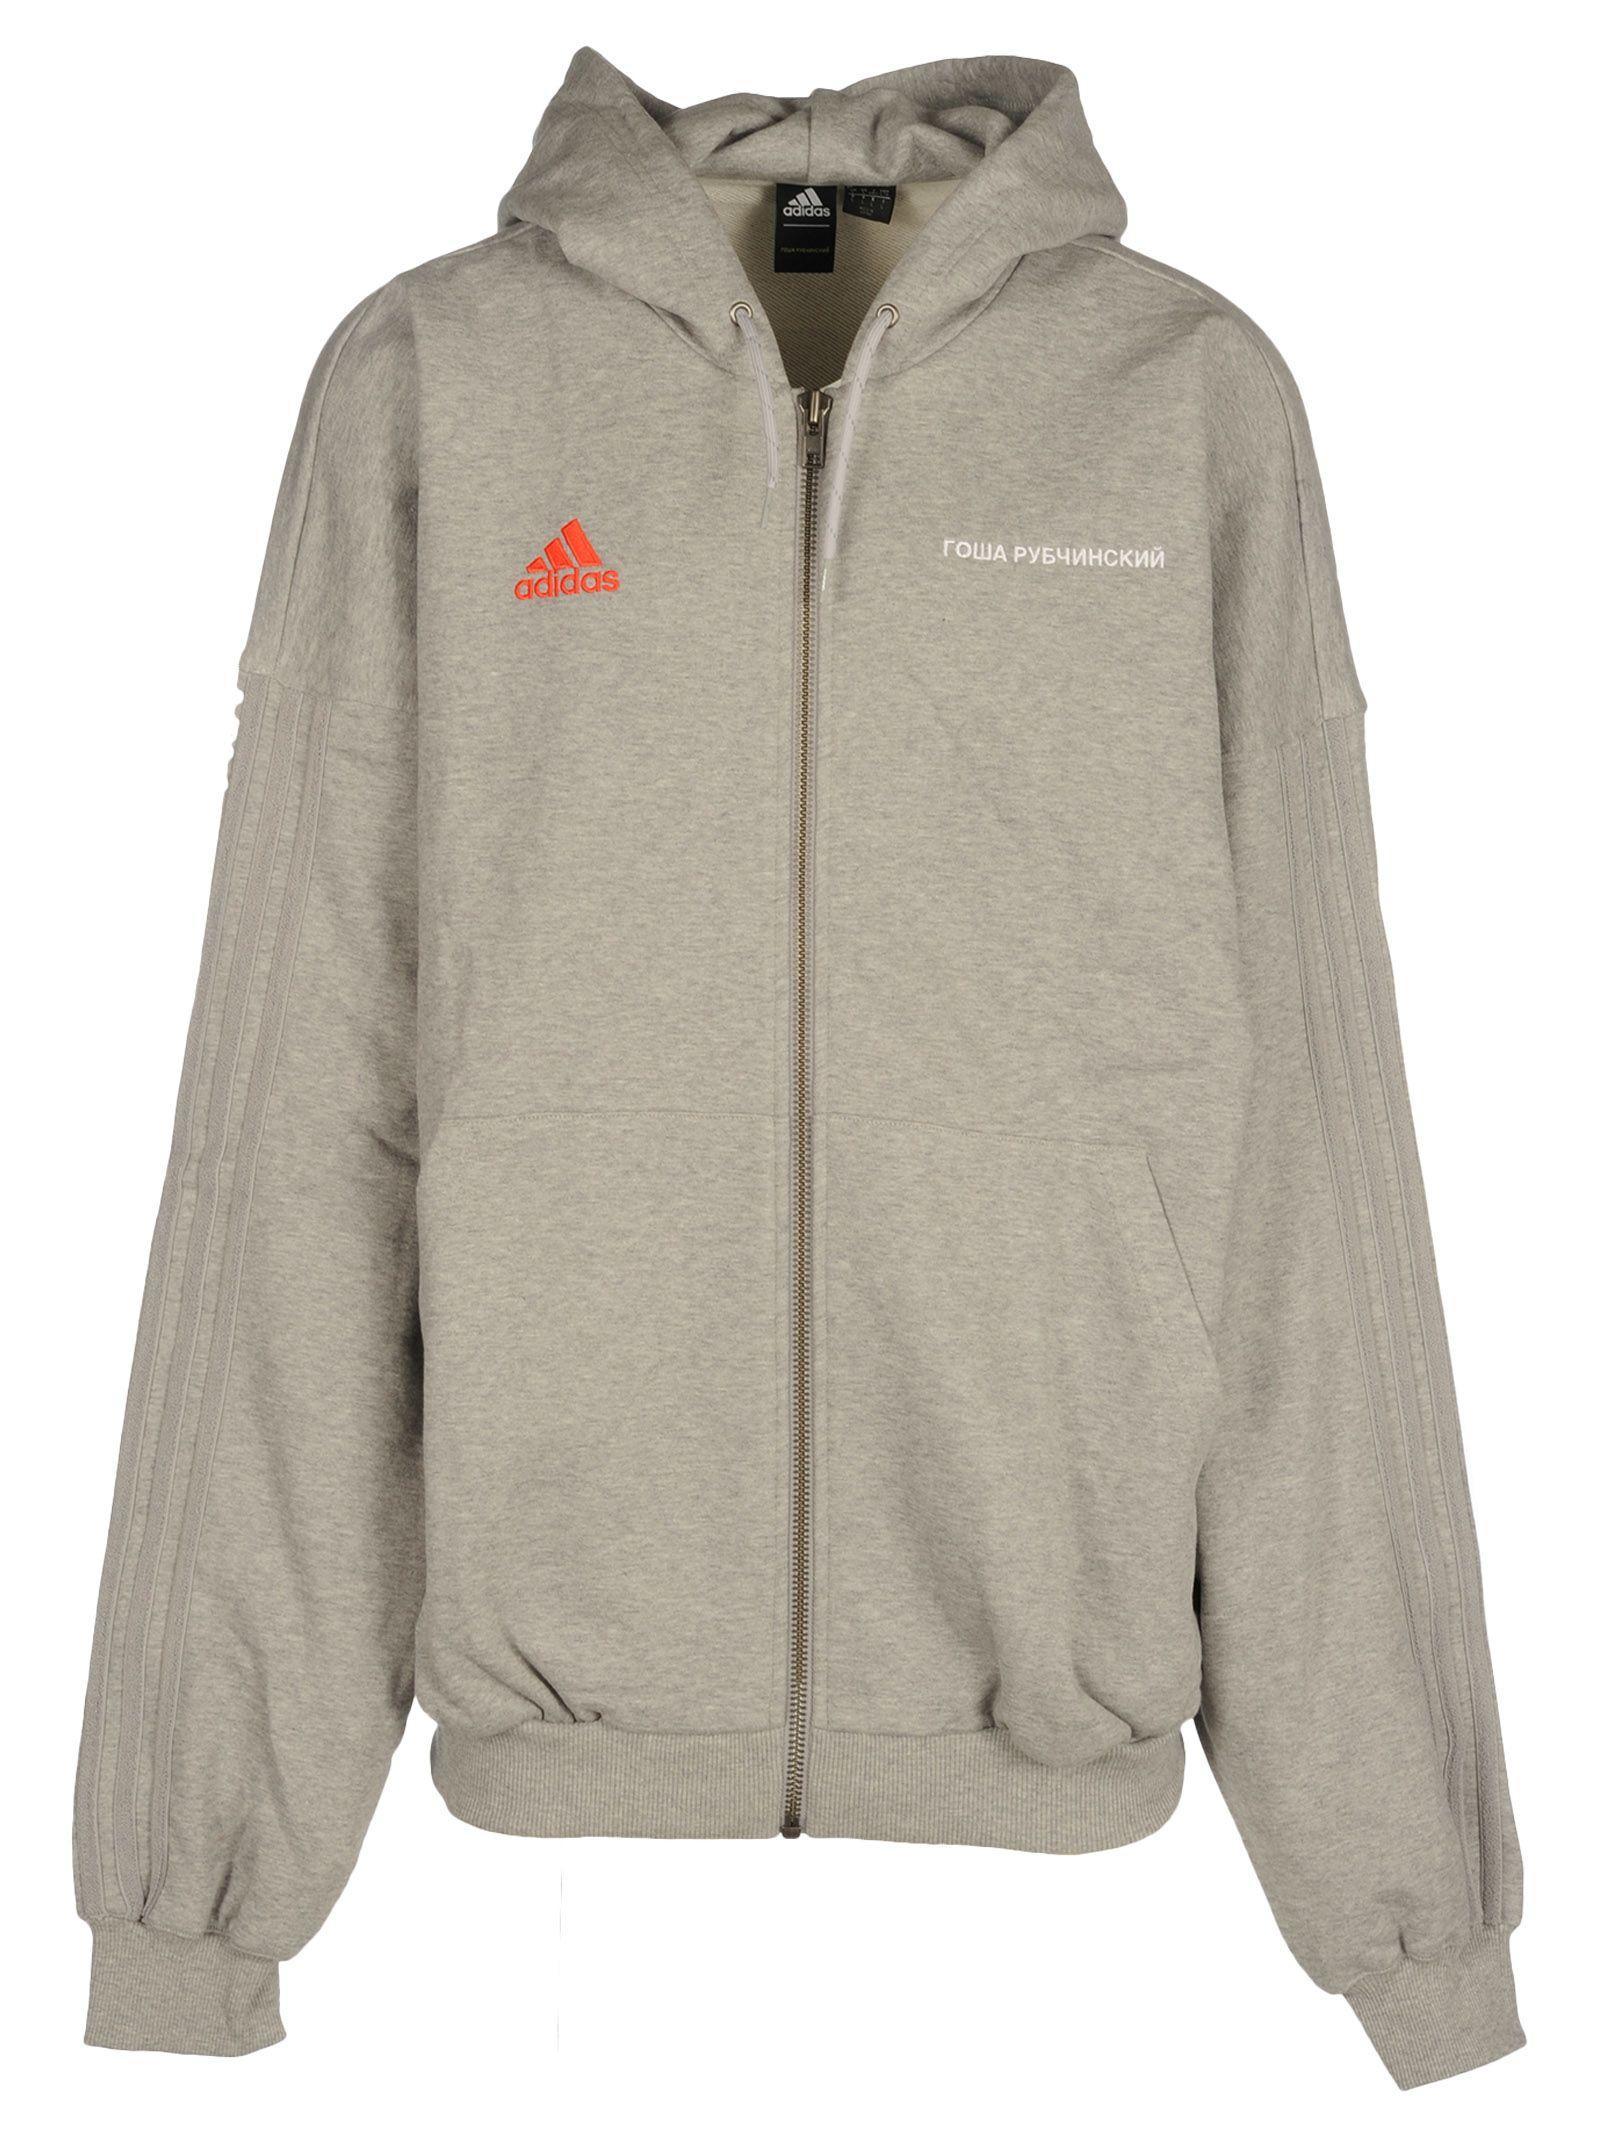 Adidas Hoodie in Grey